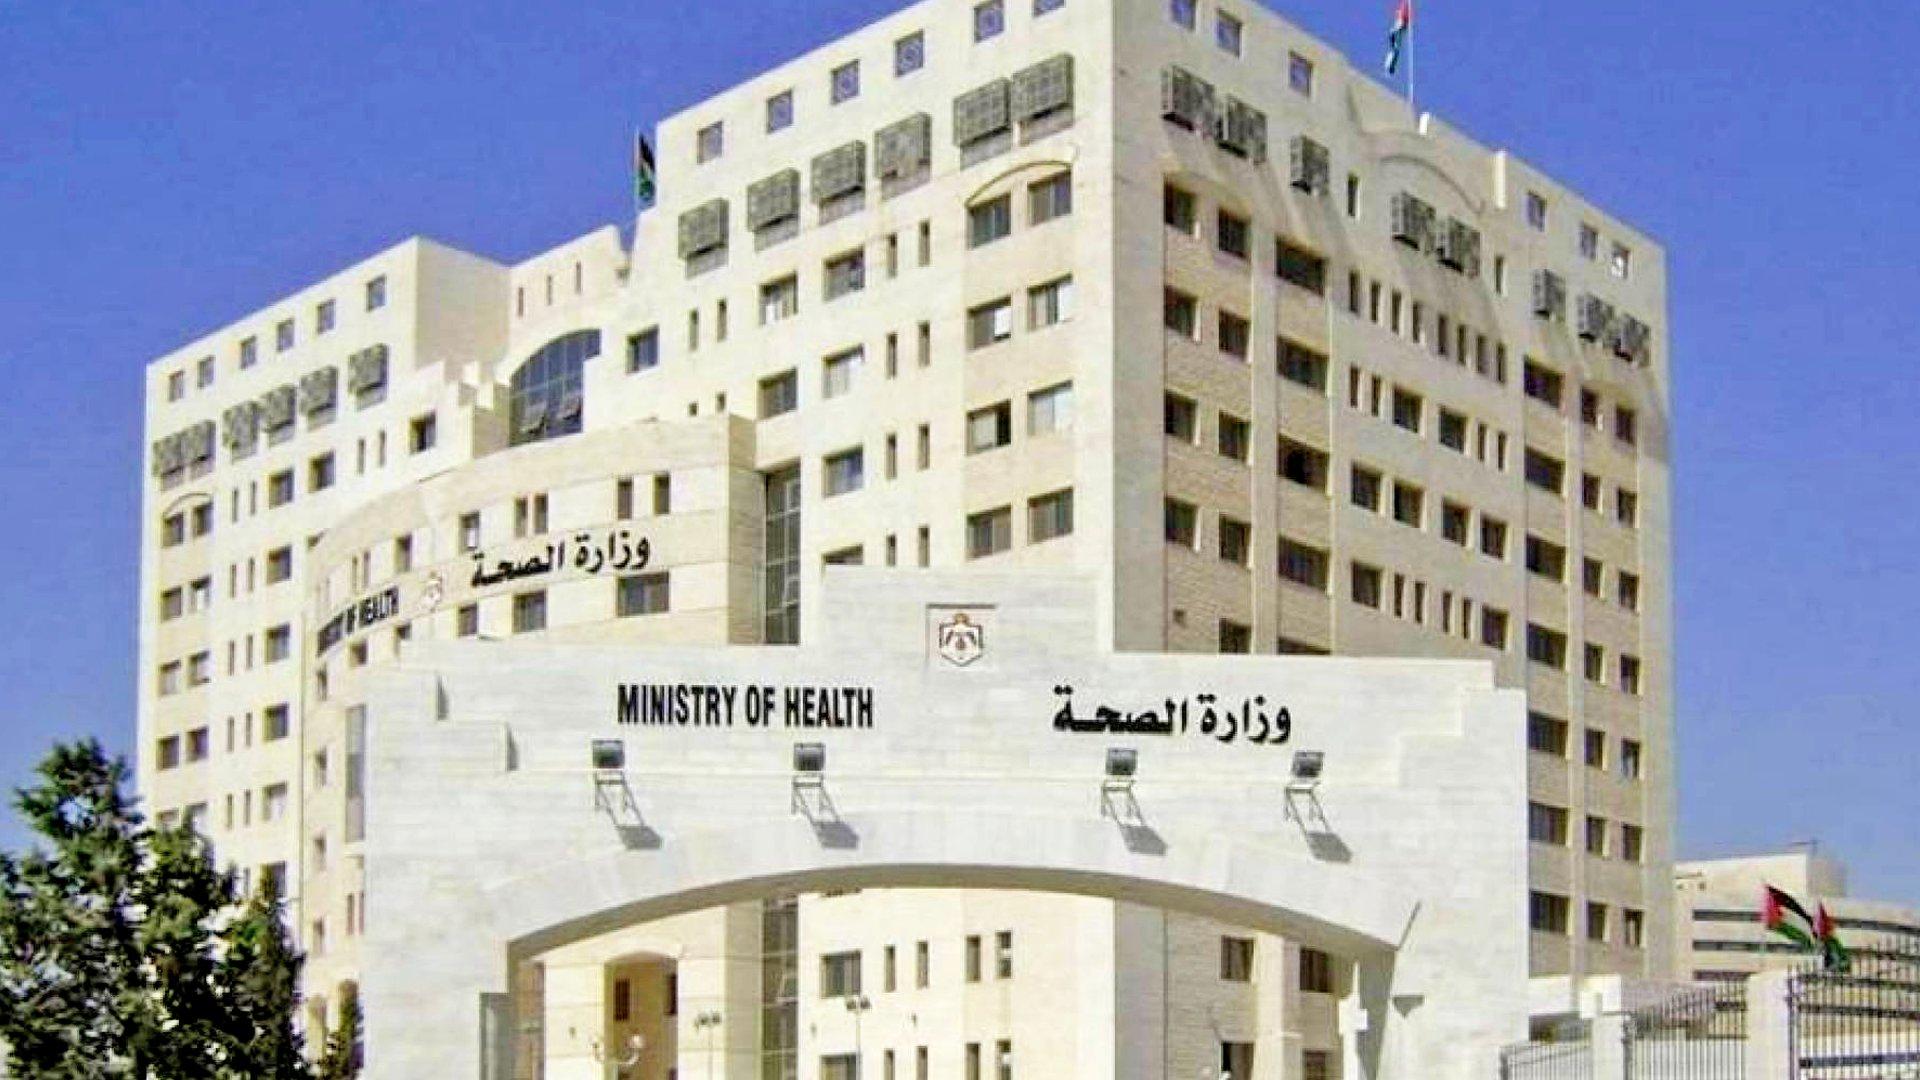 الصحة: سجلت اليوم  15 وفاة و845 اصابة كورونا جديدة في الأردن.تفاصيل